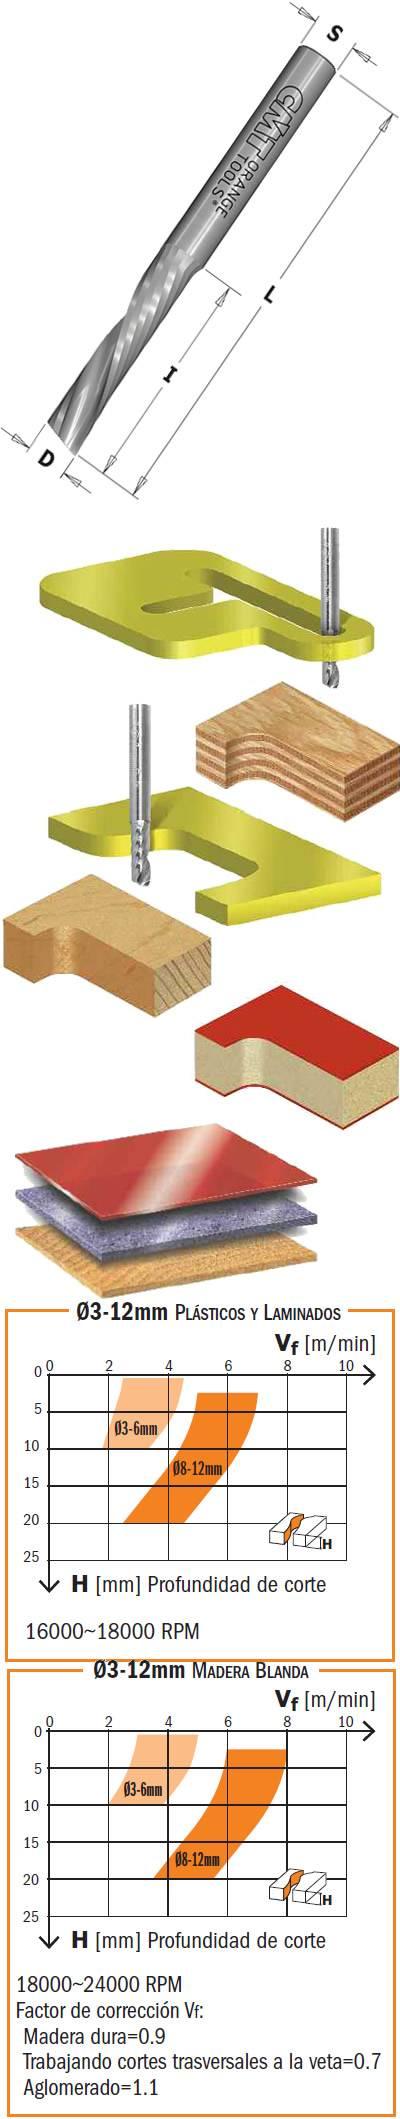 Fresa helicoidal de 1 corte para maderas, plasticos y materiales compuestos solidos